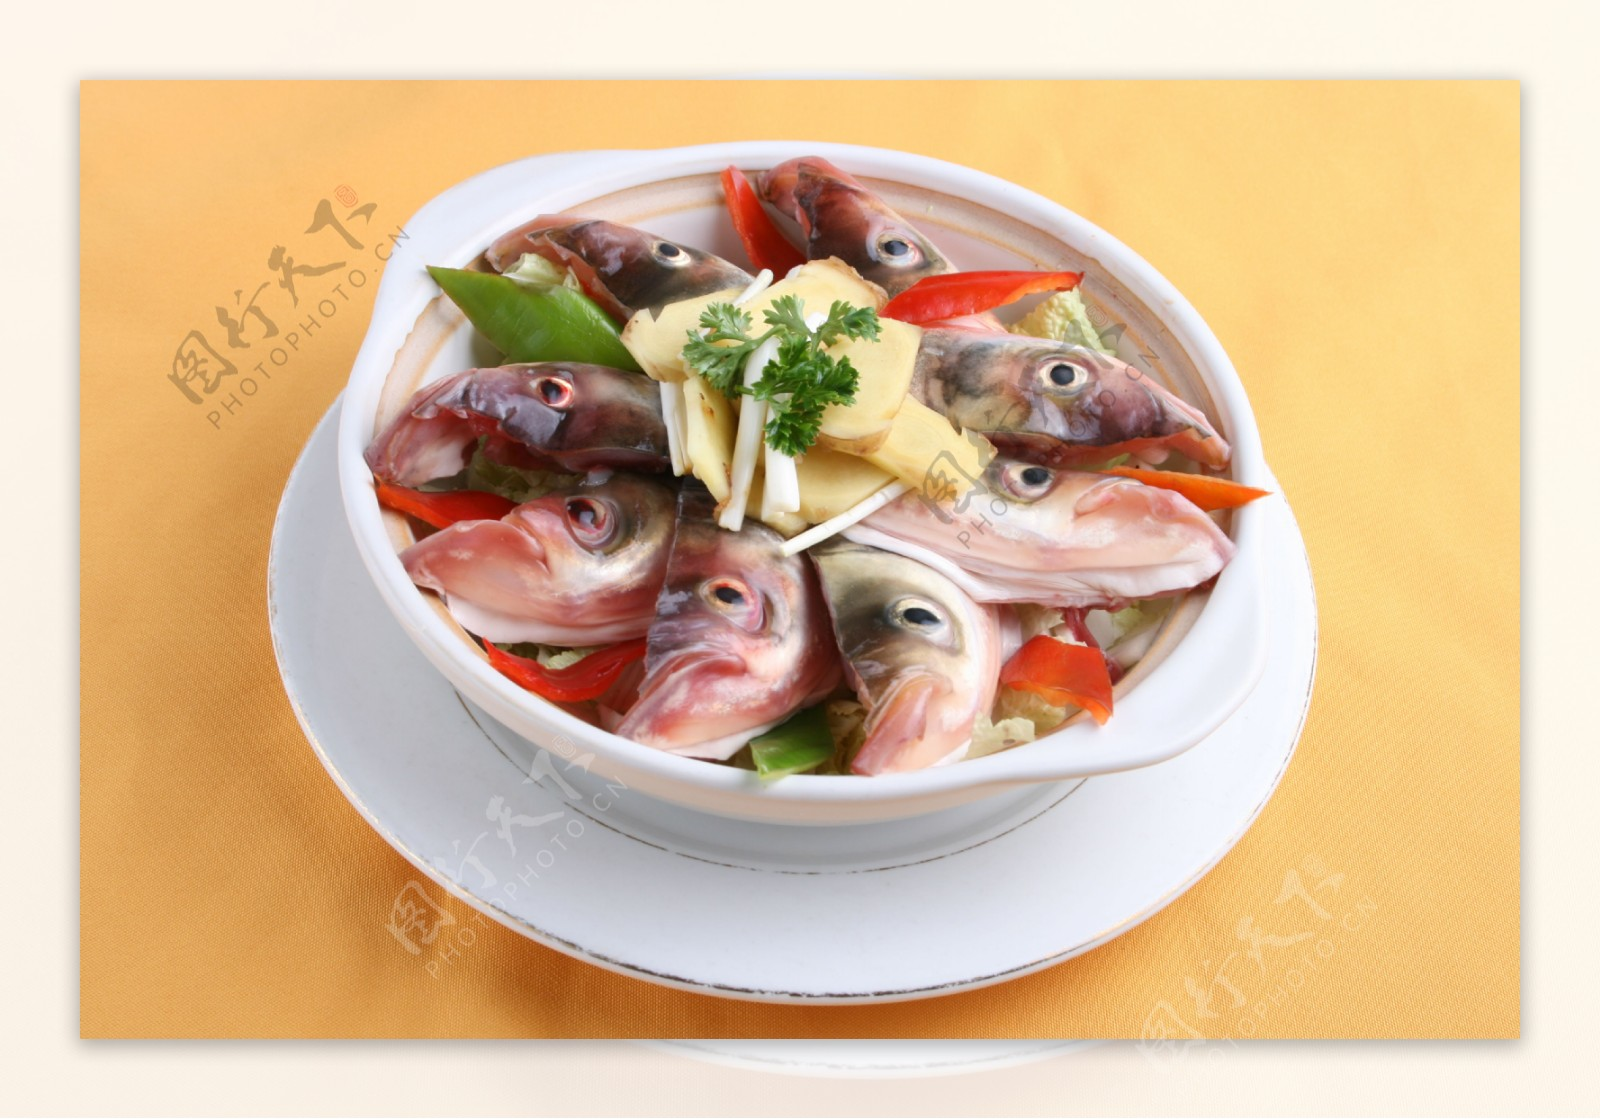 姜葱茸局鱼嘴图片